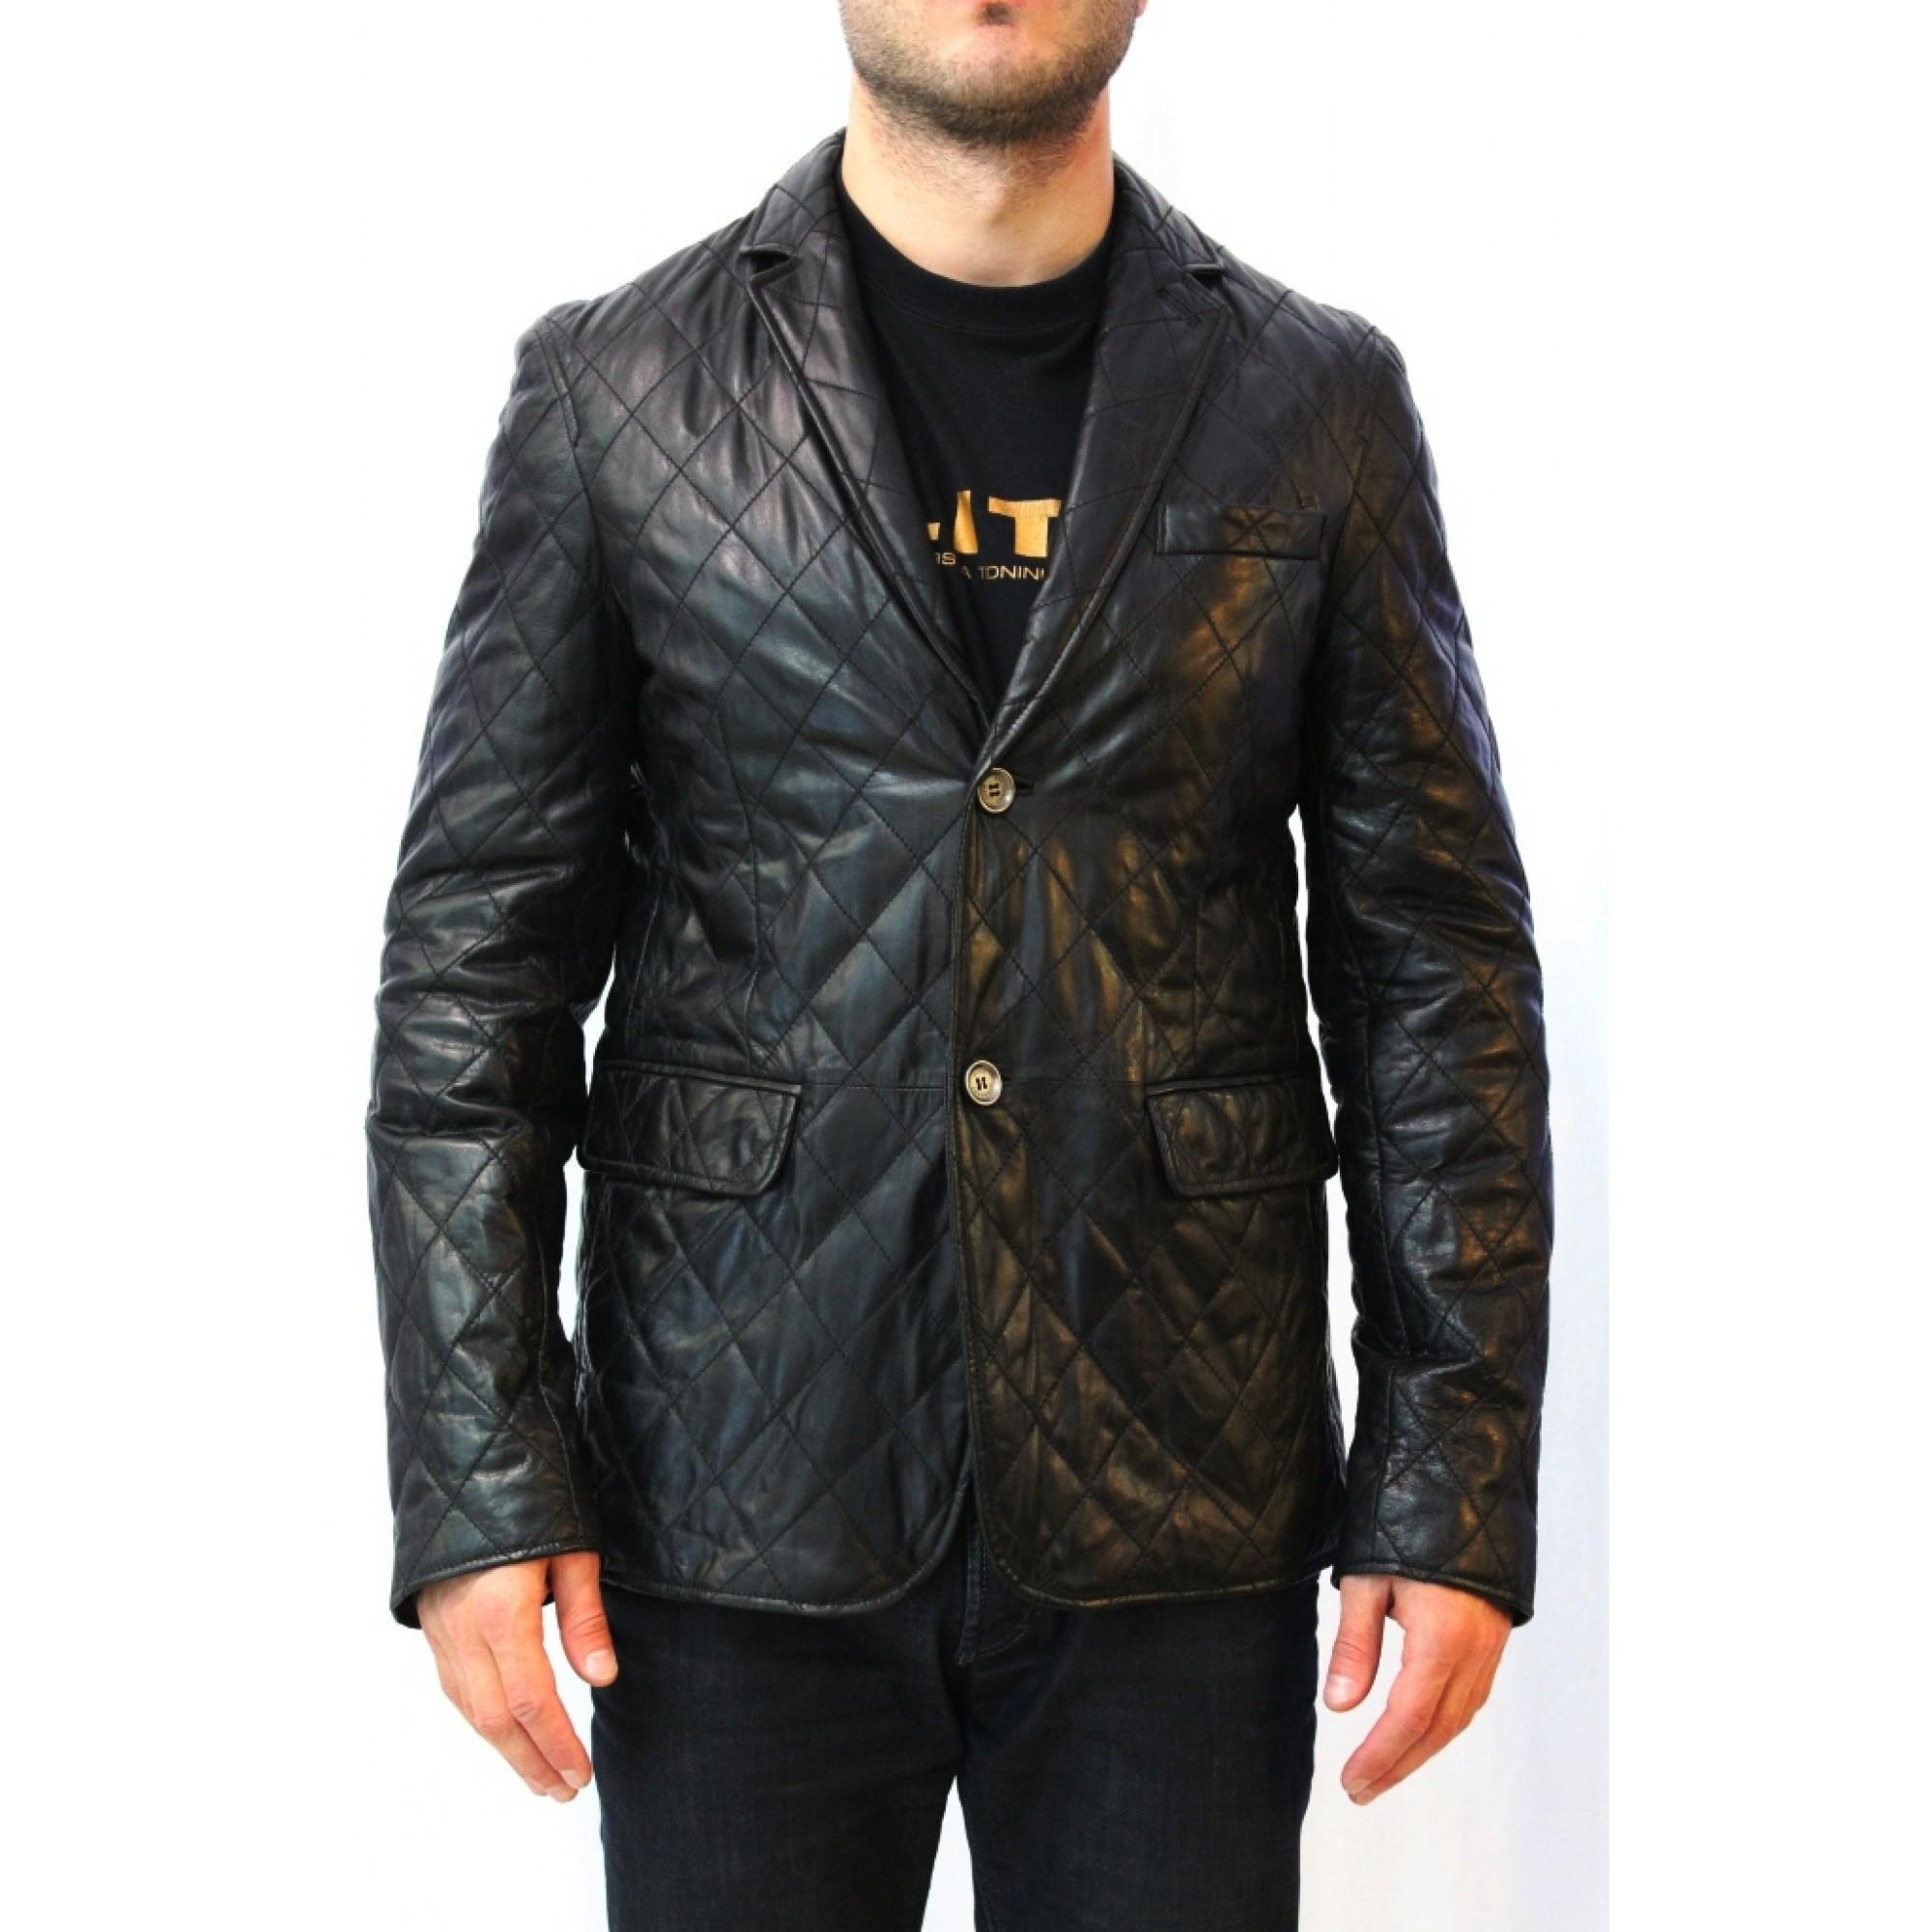 009caafae1c Купить мужская кожаная куртка-пиджак от Burberry — в Киеве